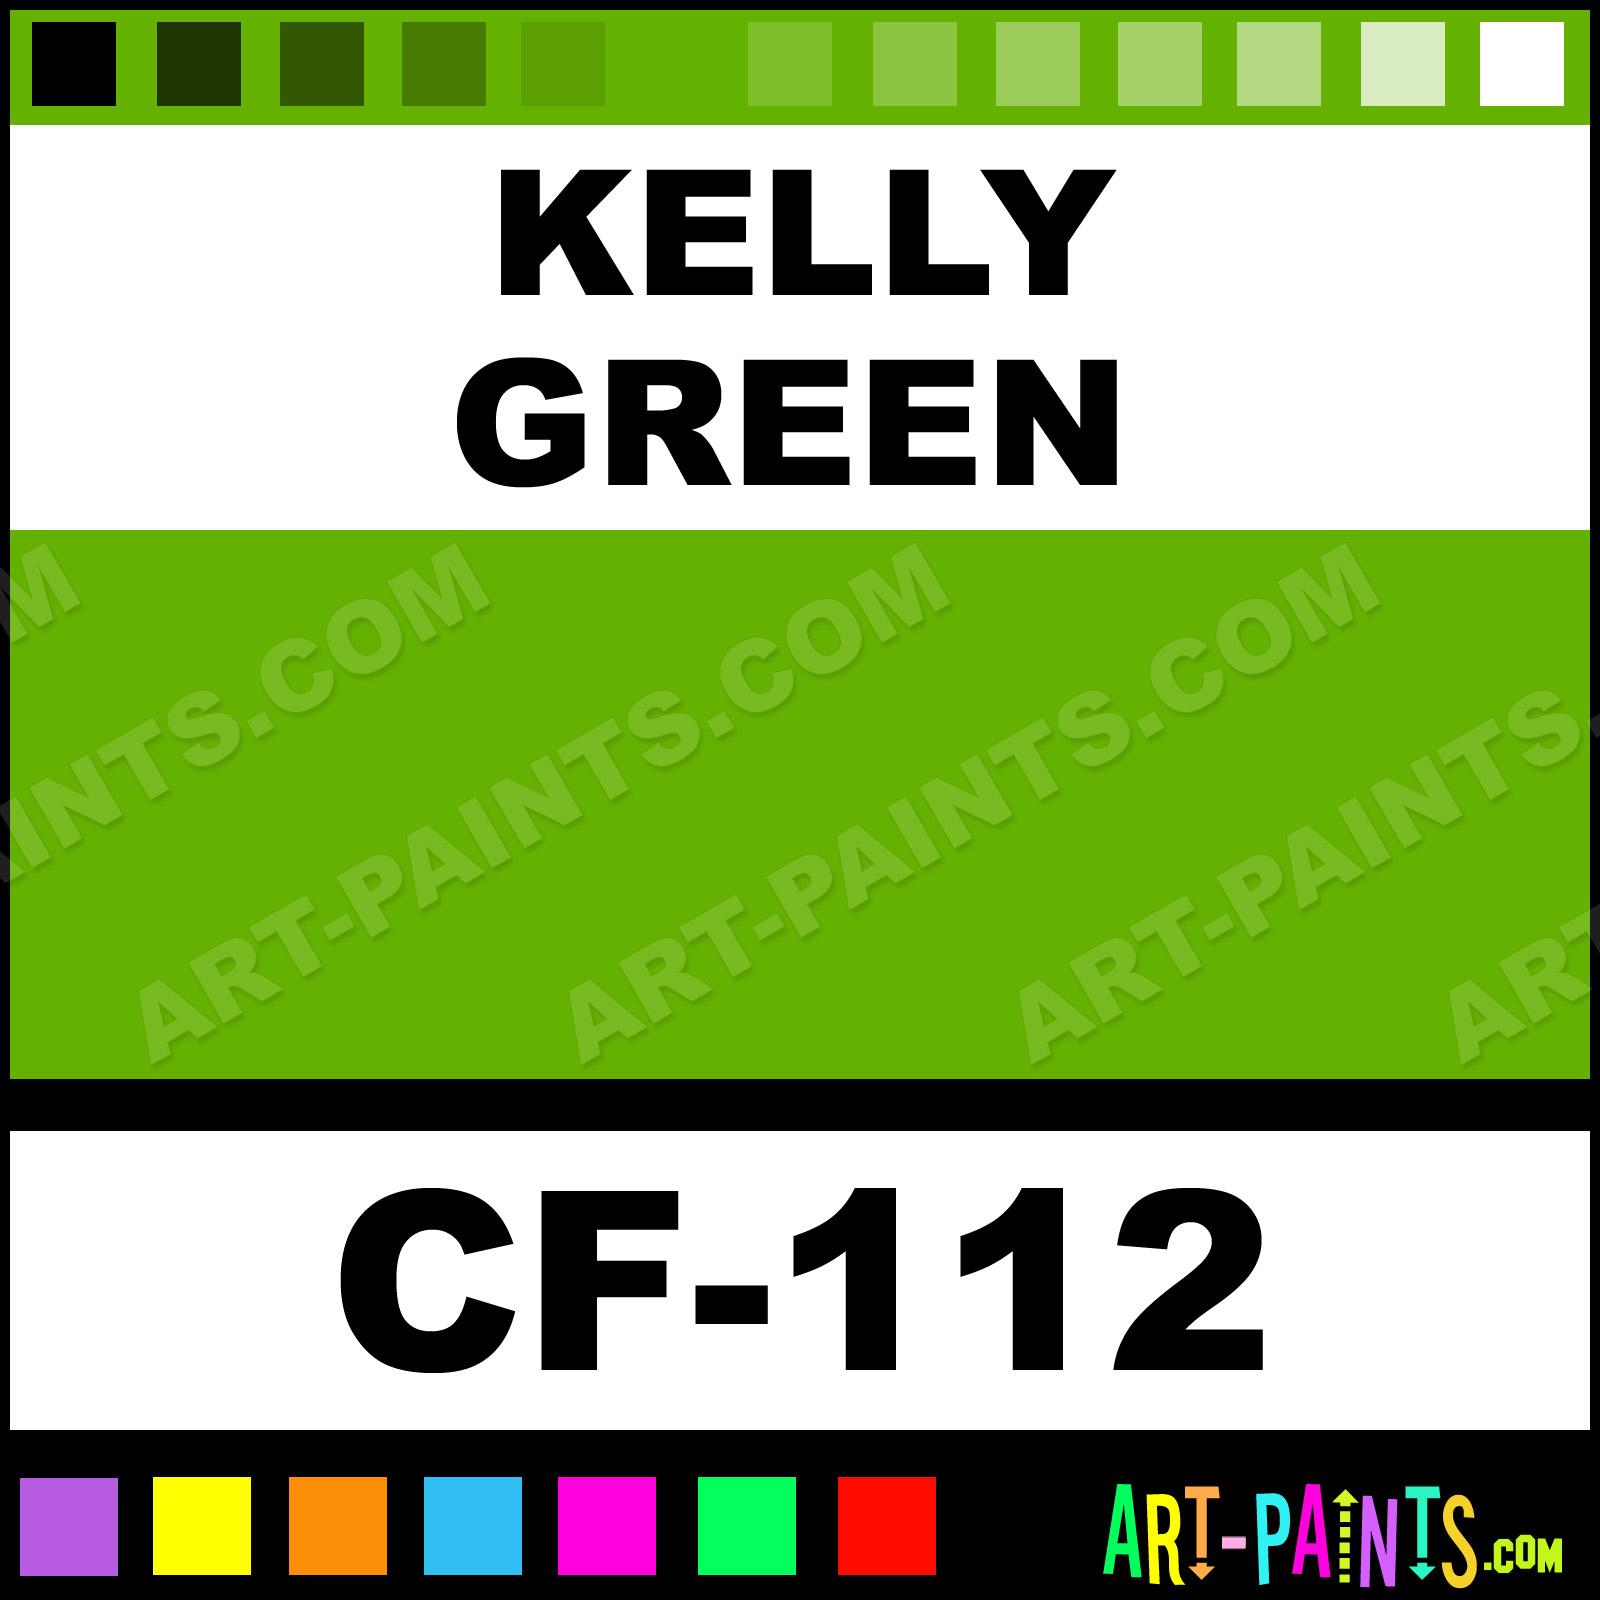 Kelly green cmyk